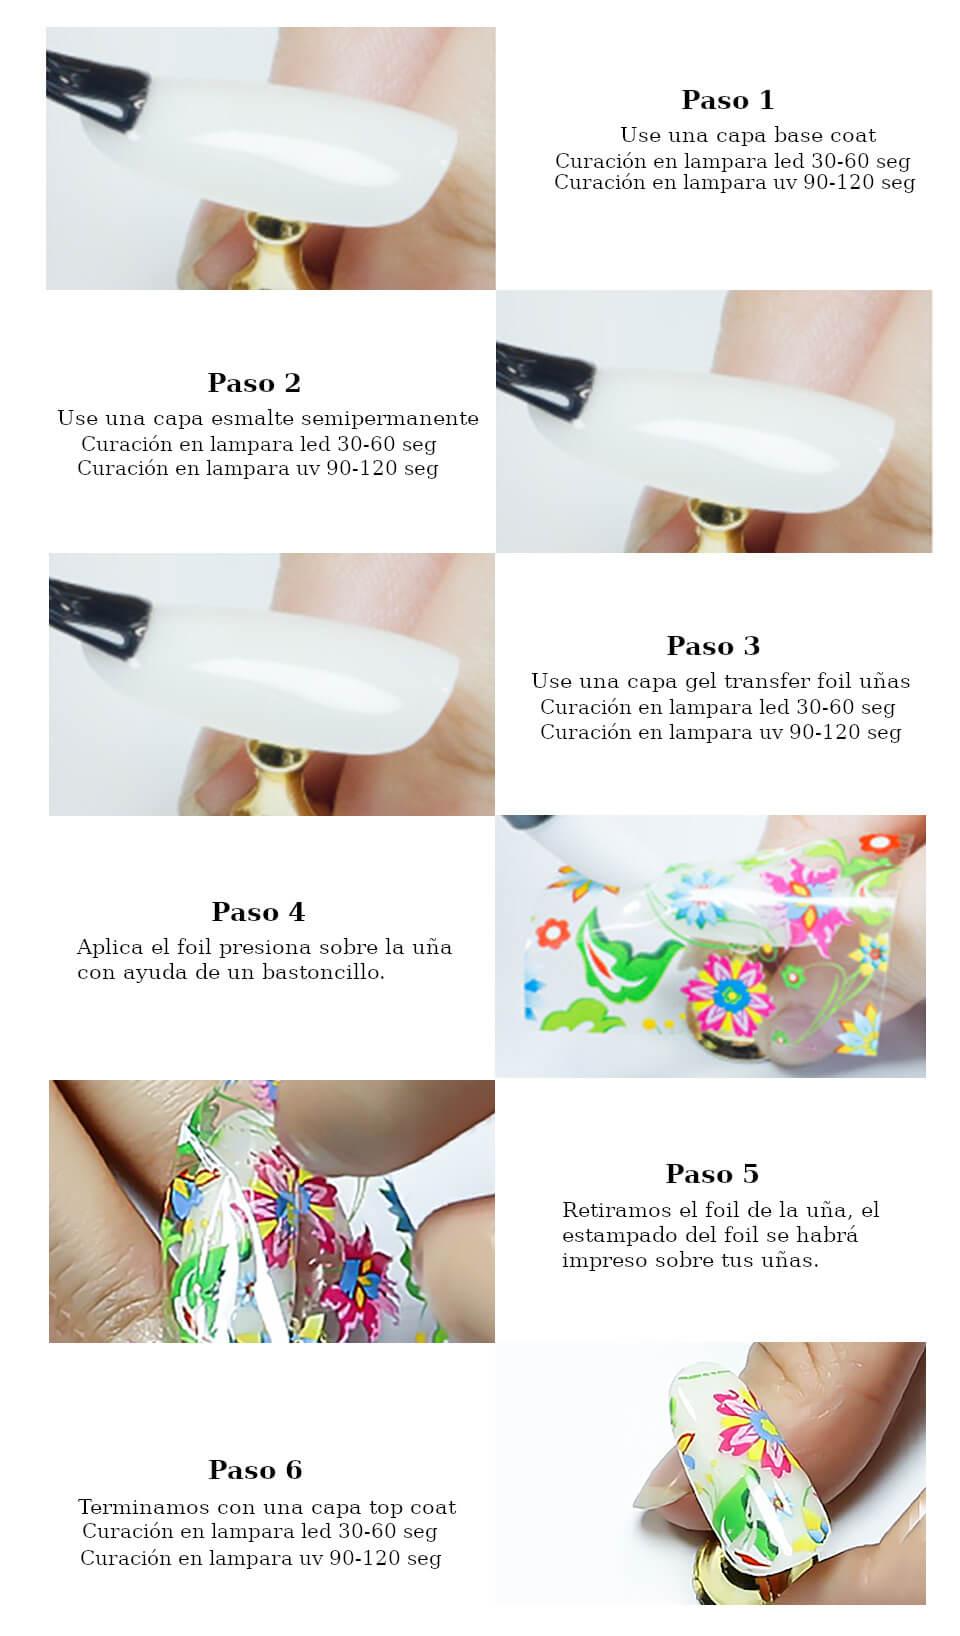 Manual de colocación de foil uñas